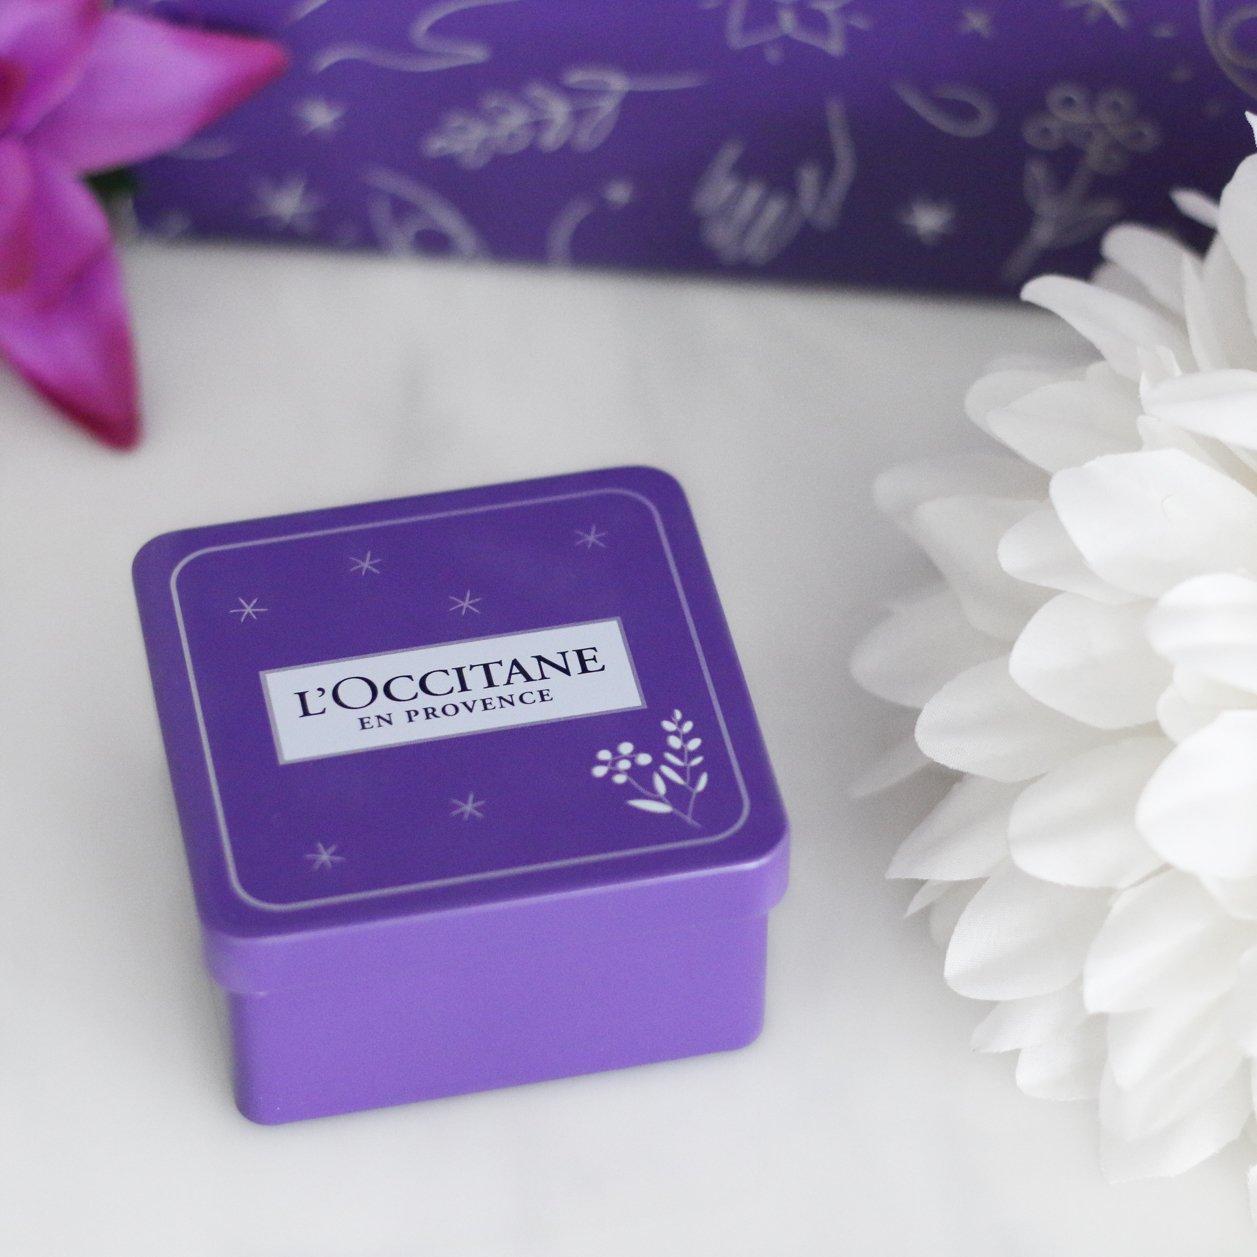 l'occitane lavender soap in a tin